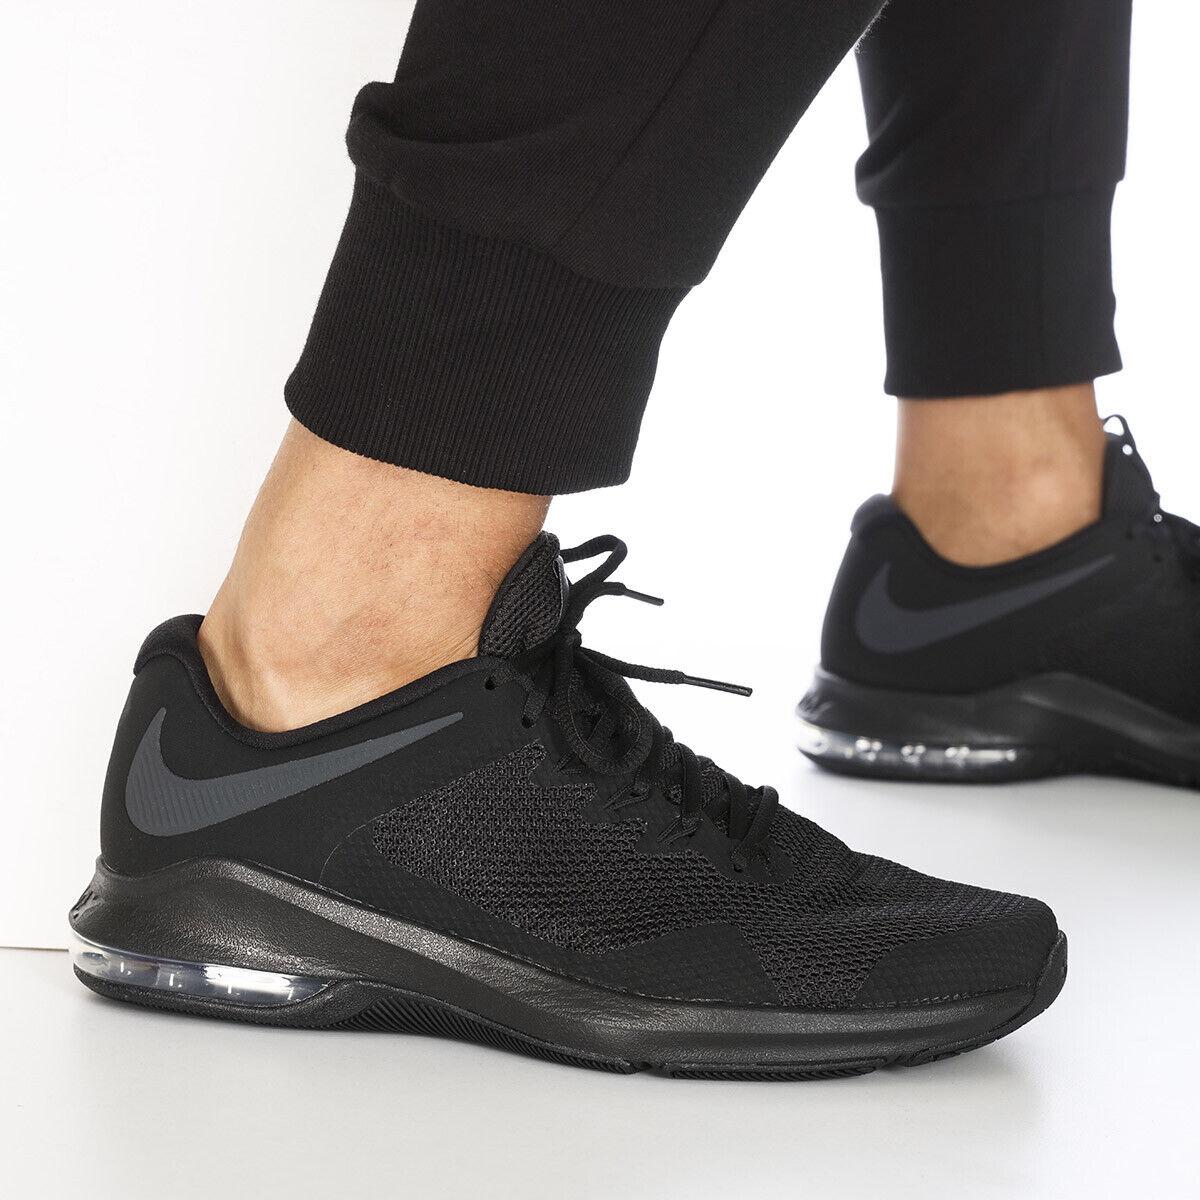 Nike Jordan Men's Jordan Trainer St